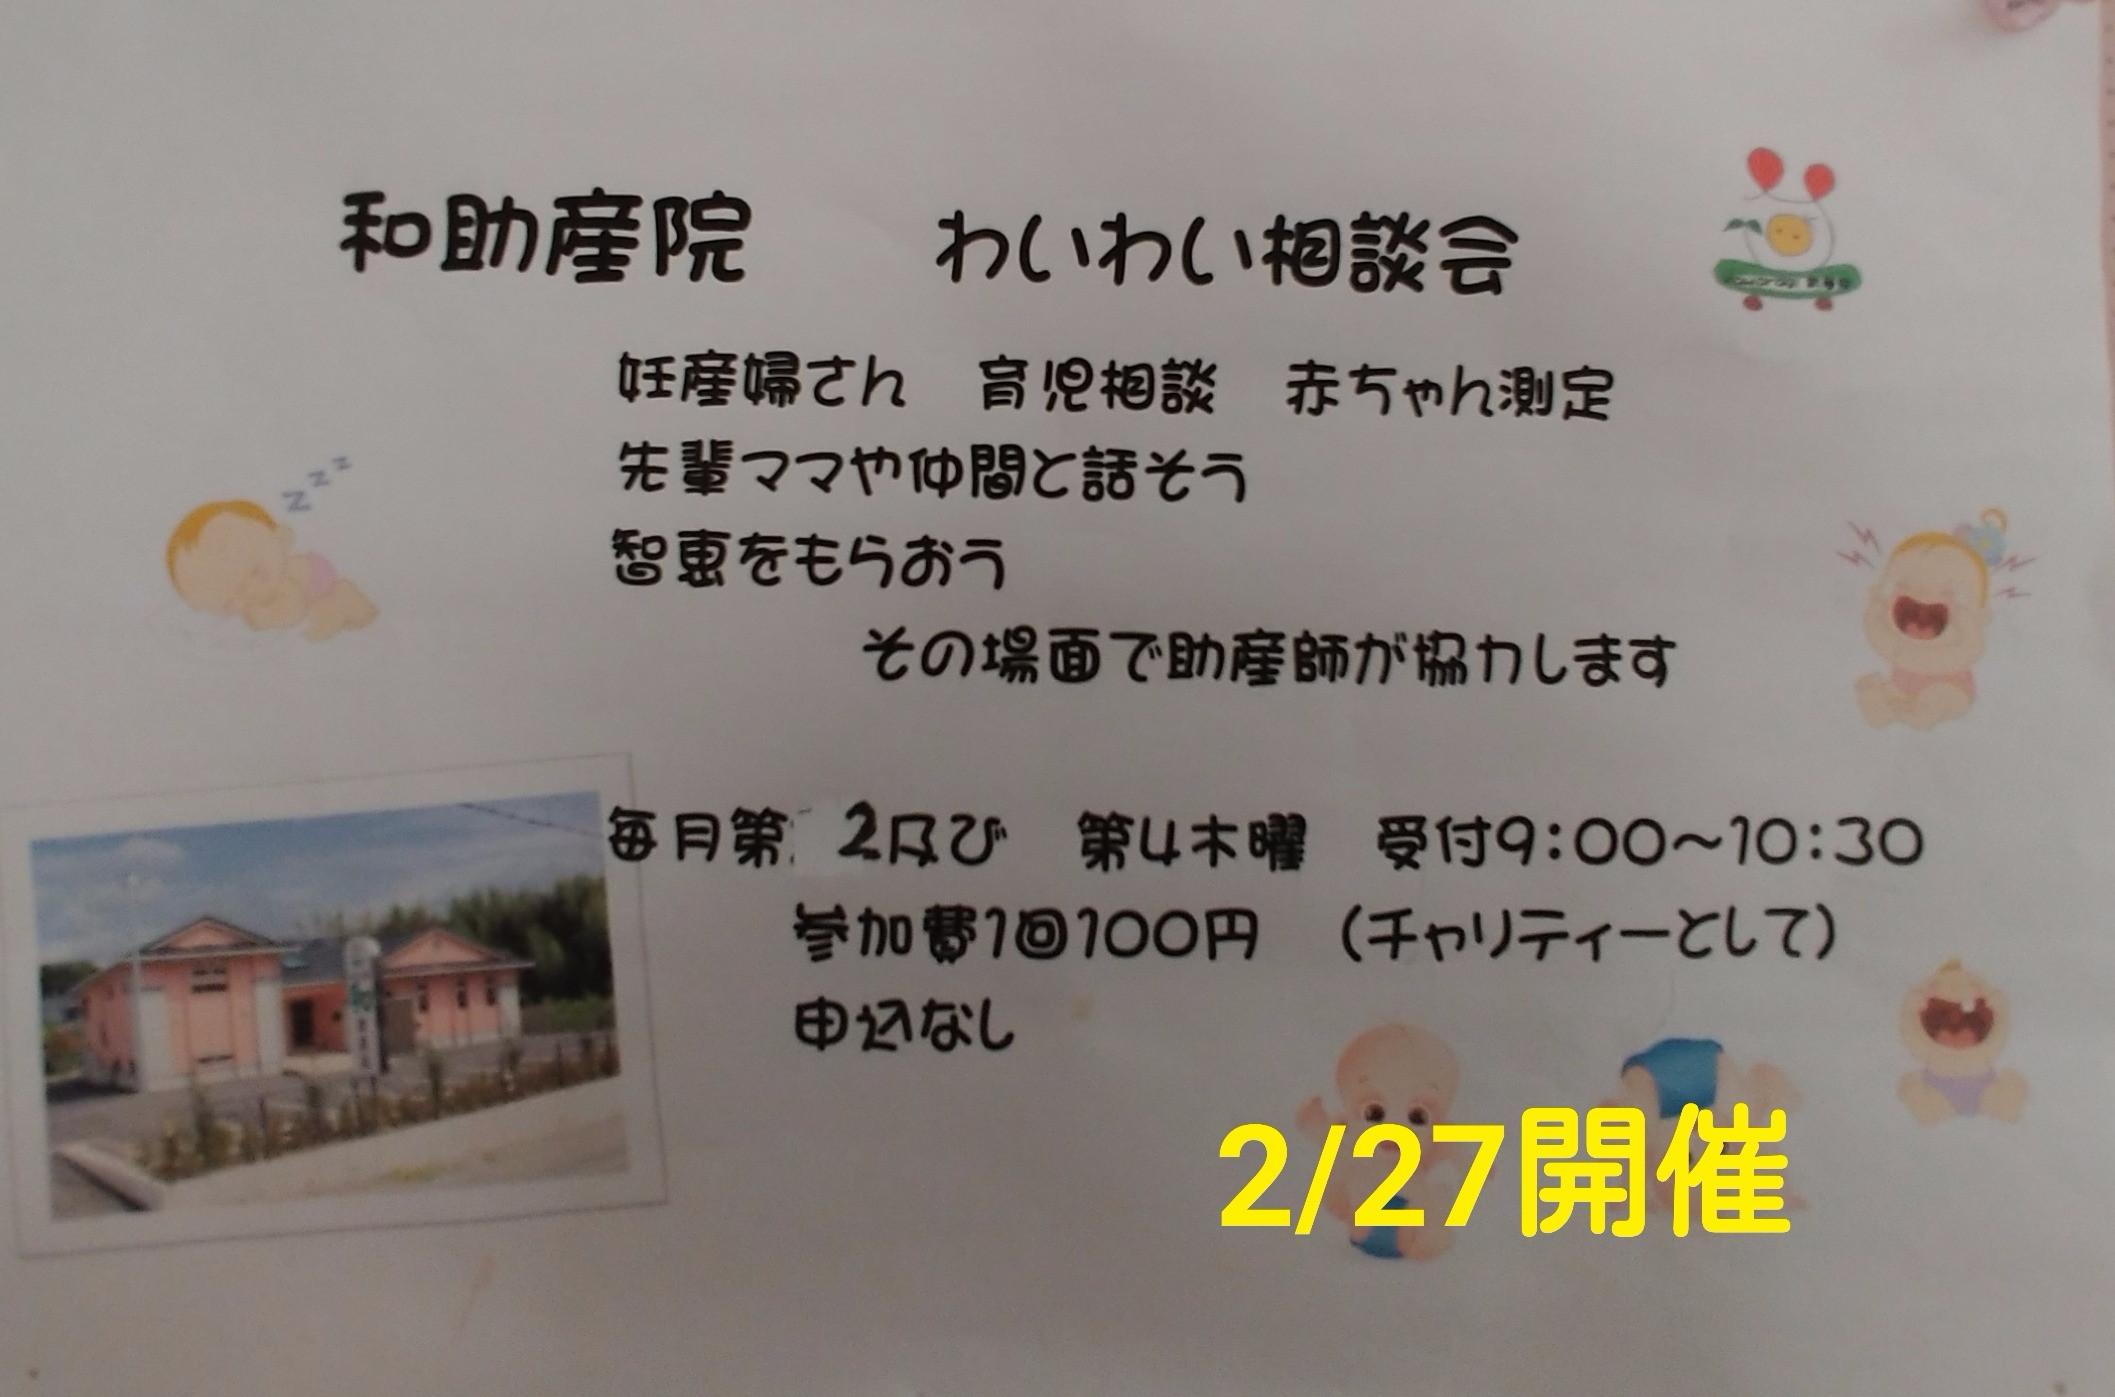 2月27日 開催☆